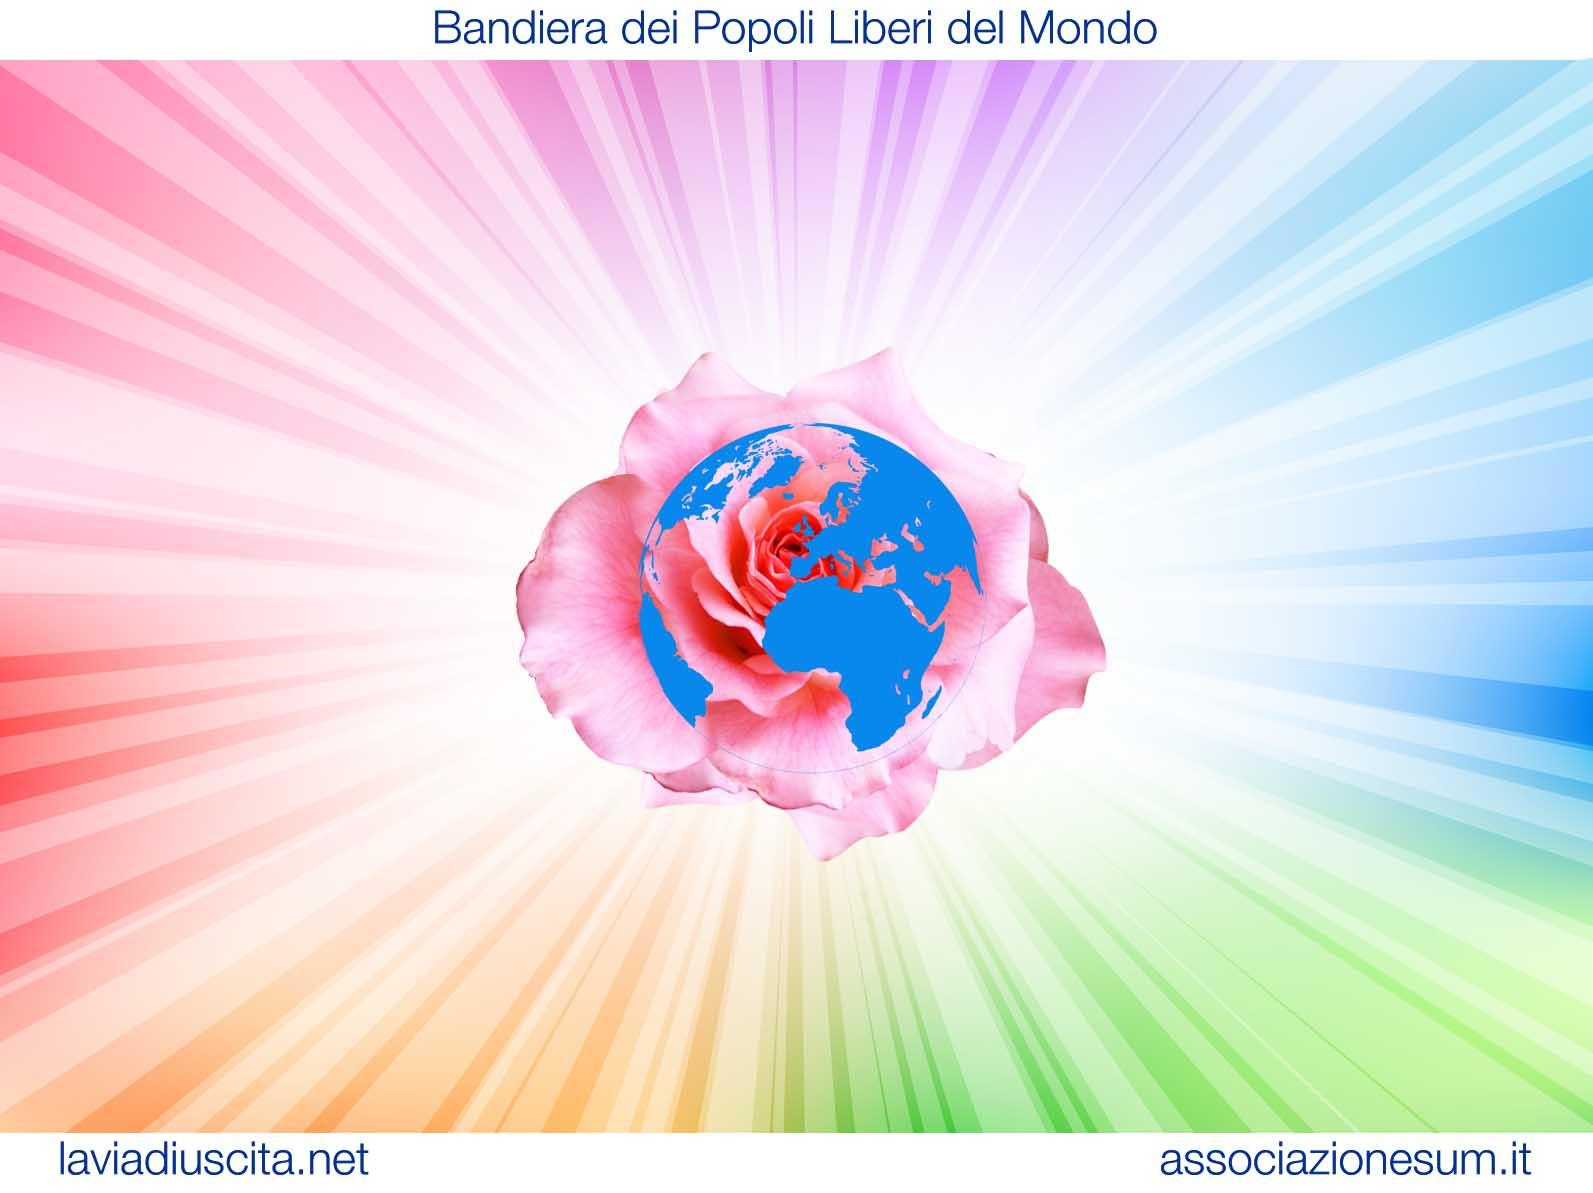 La Bandiera dei Popoli Liberi del Mondo ideata da Isha Babaji